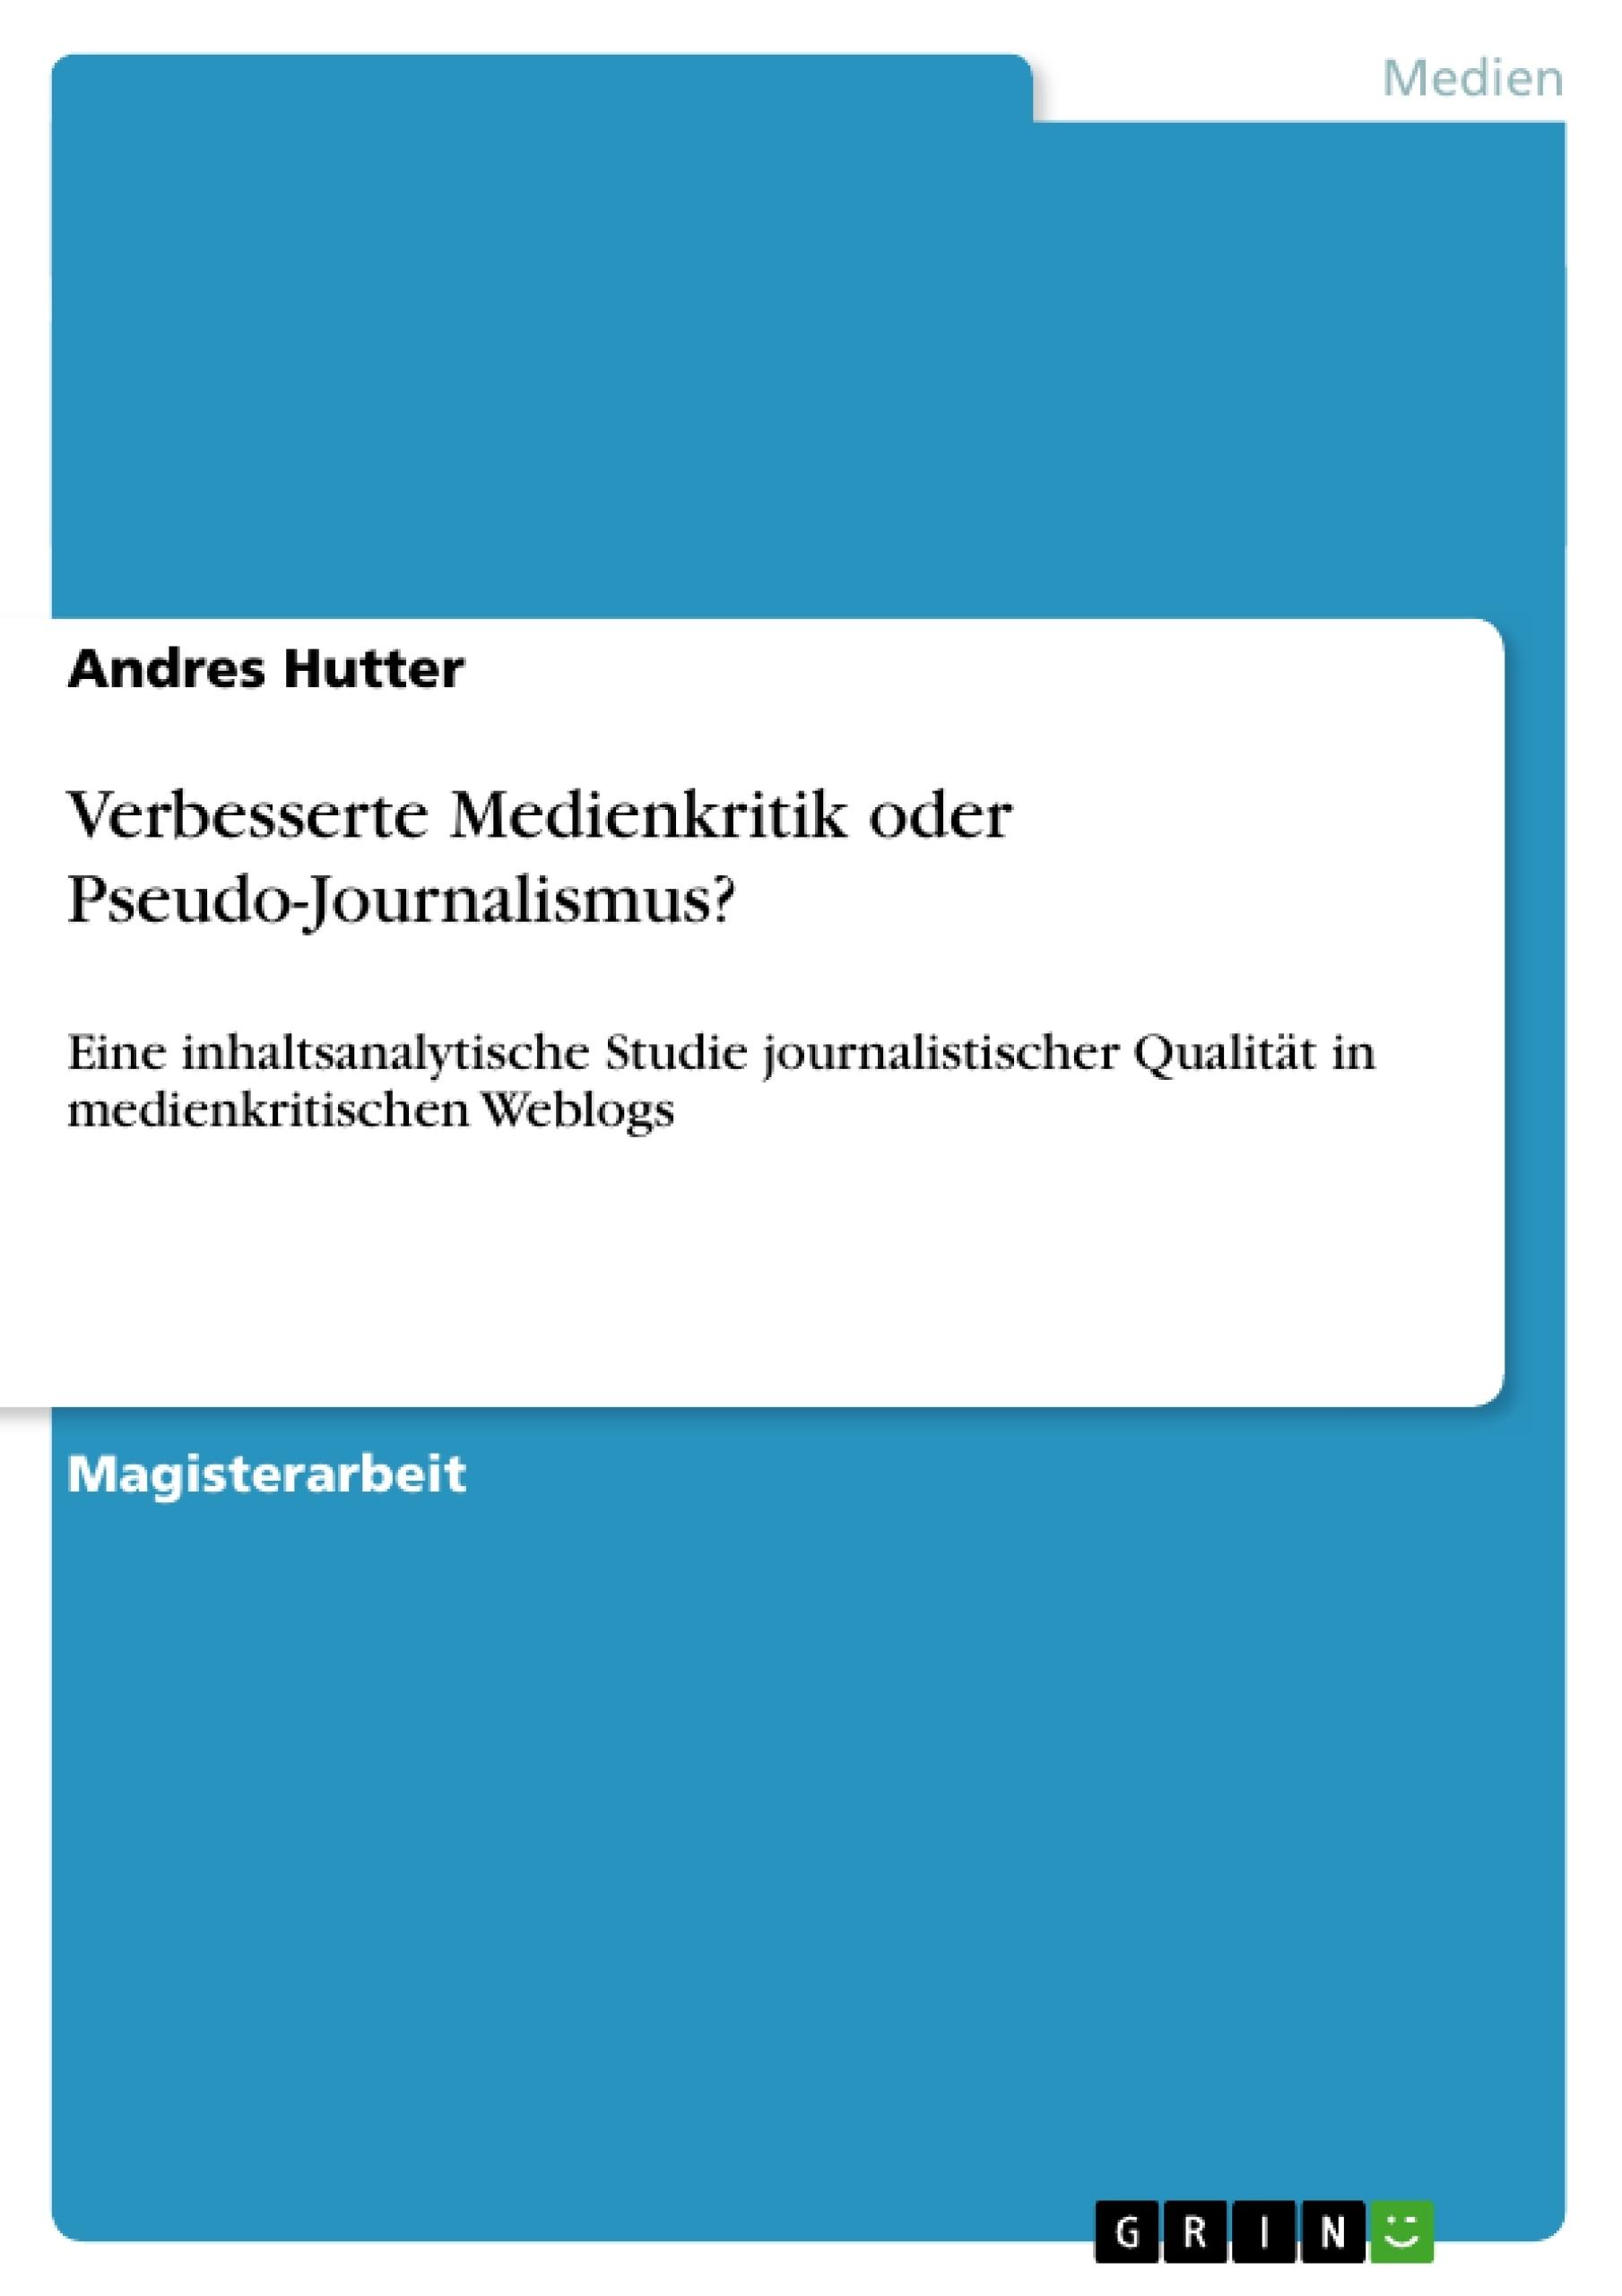 Titel: Verbesserte Medienkritik oder Pseudo-Journalismus?